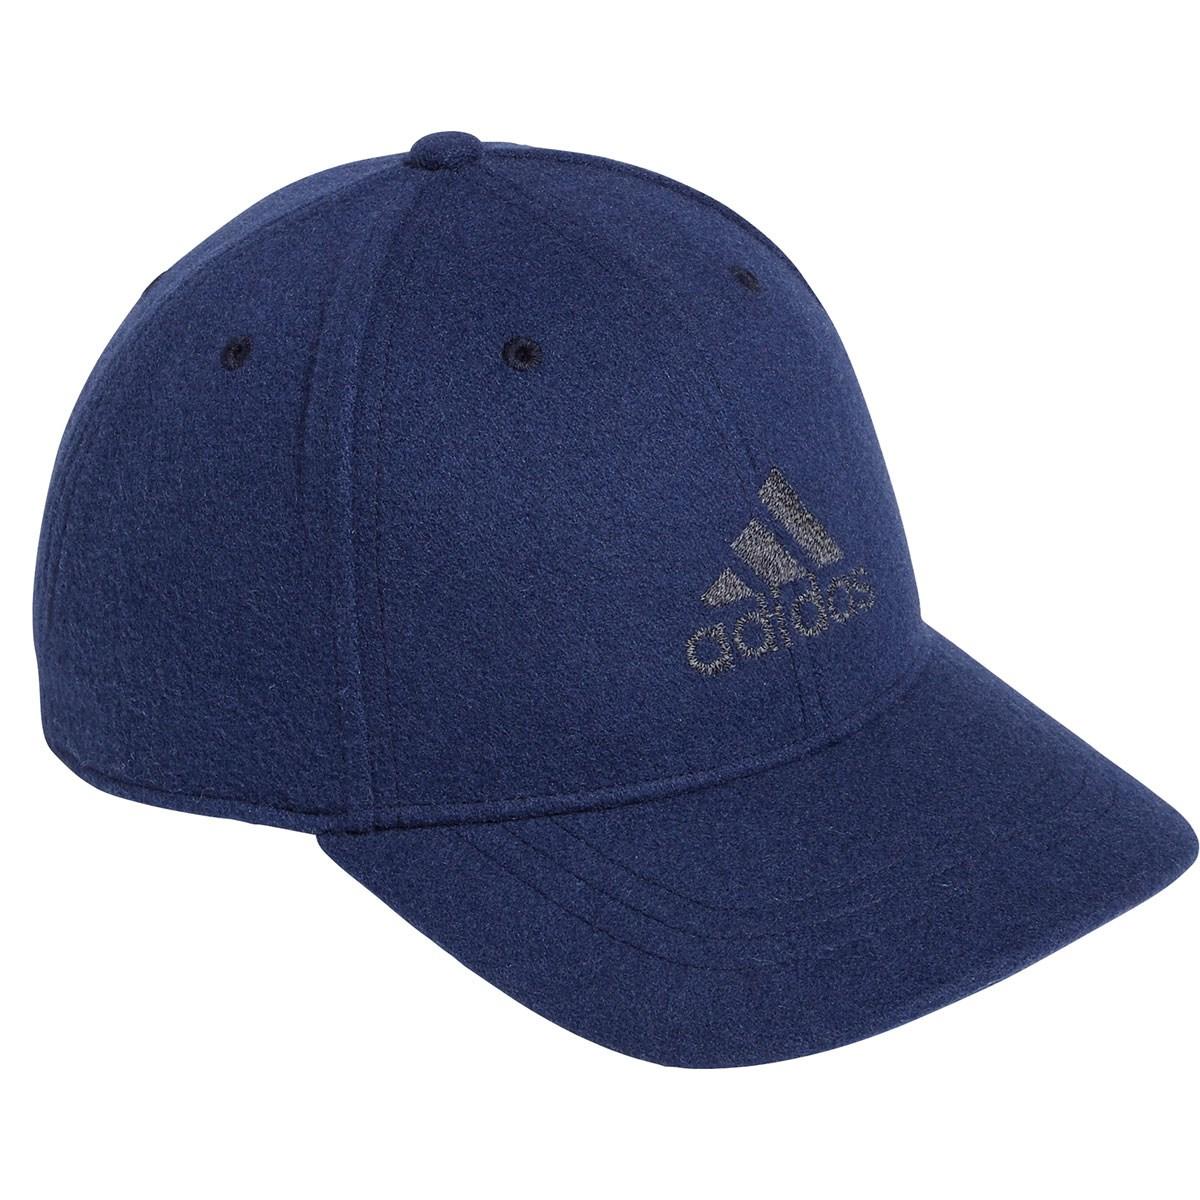 アディダス Adidas ツィードキャップ フリー カレッジネイビー